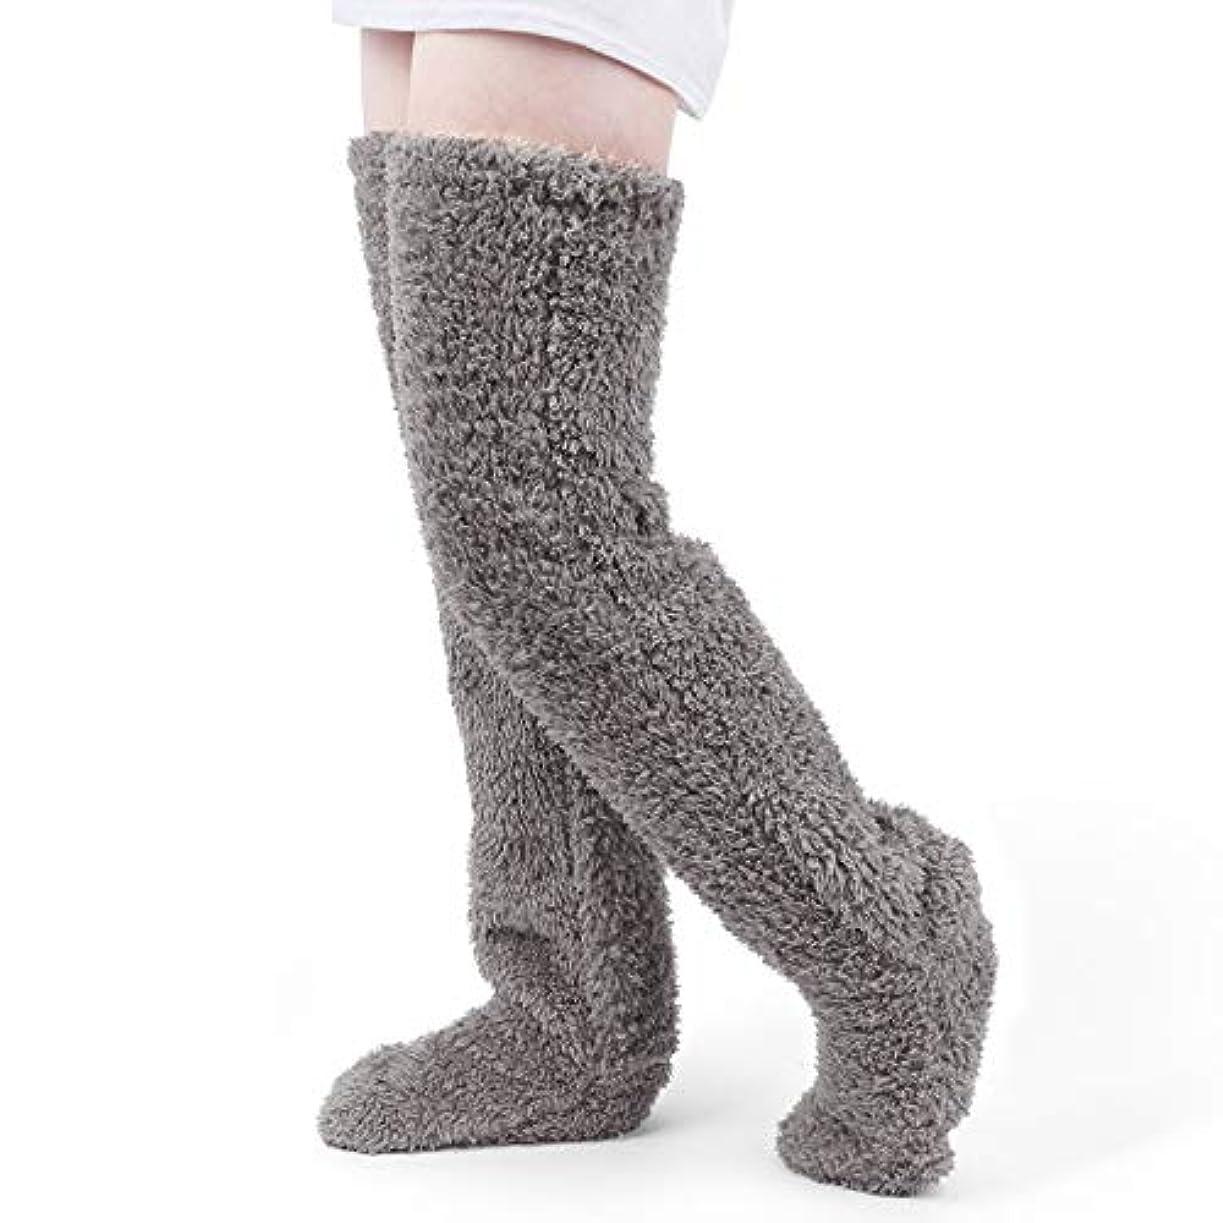 放映誰のスプーンHombasis 極暖 足が出せるヒートソックス 歩ける ロングカバー男女兼用 大きいサイズ (グレー)